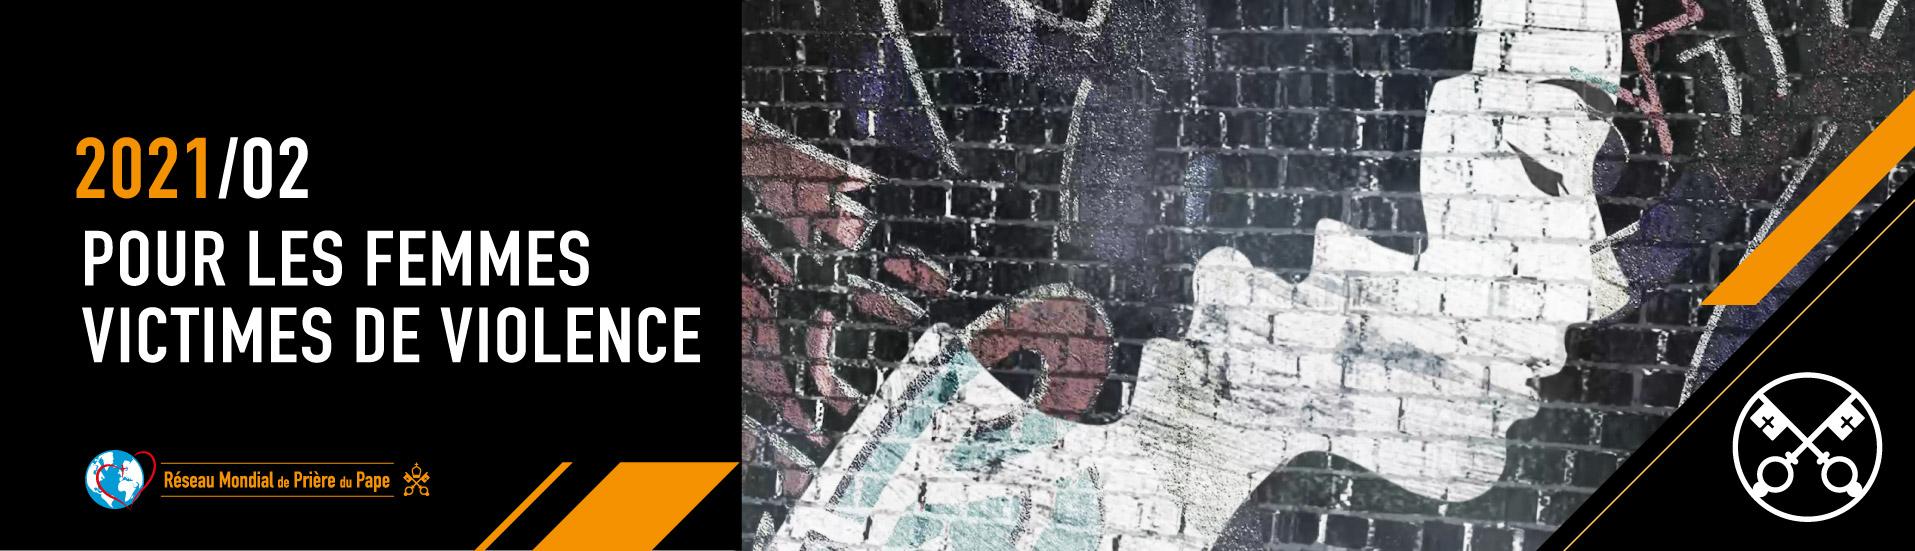 2 2021 FR - La Video du Pape - 1915x550 Pour les femmes victimes de violence